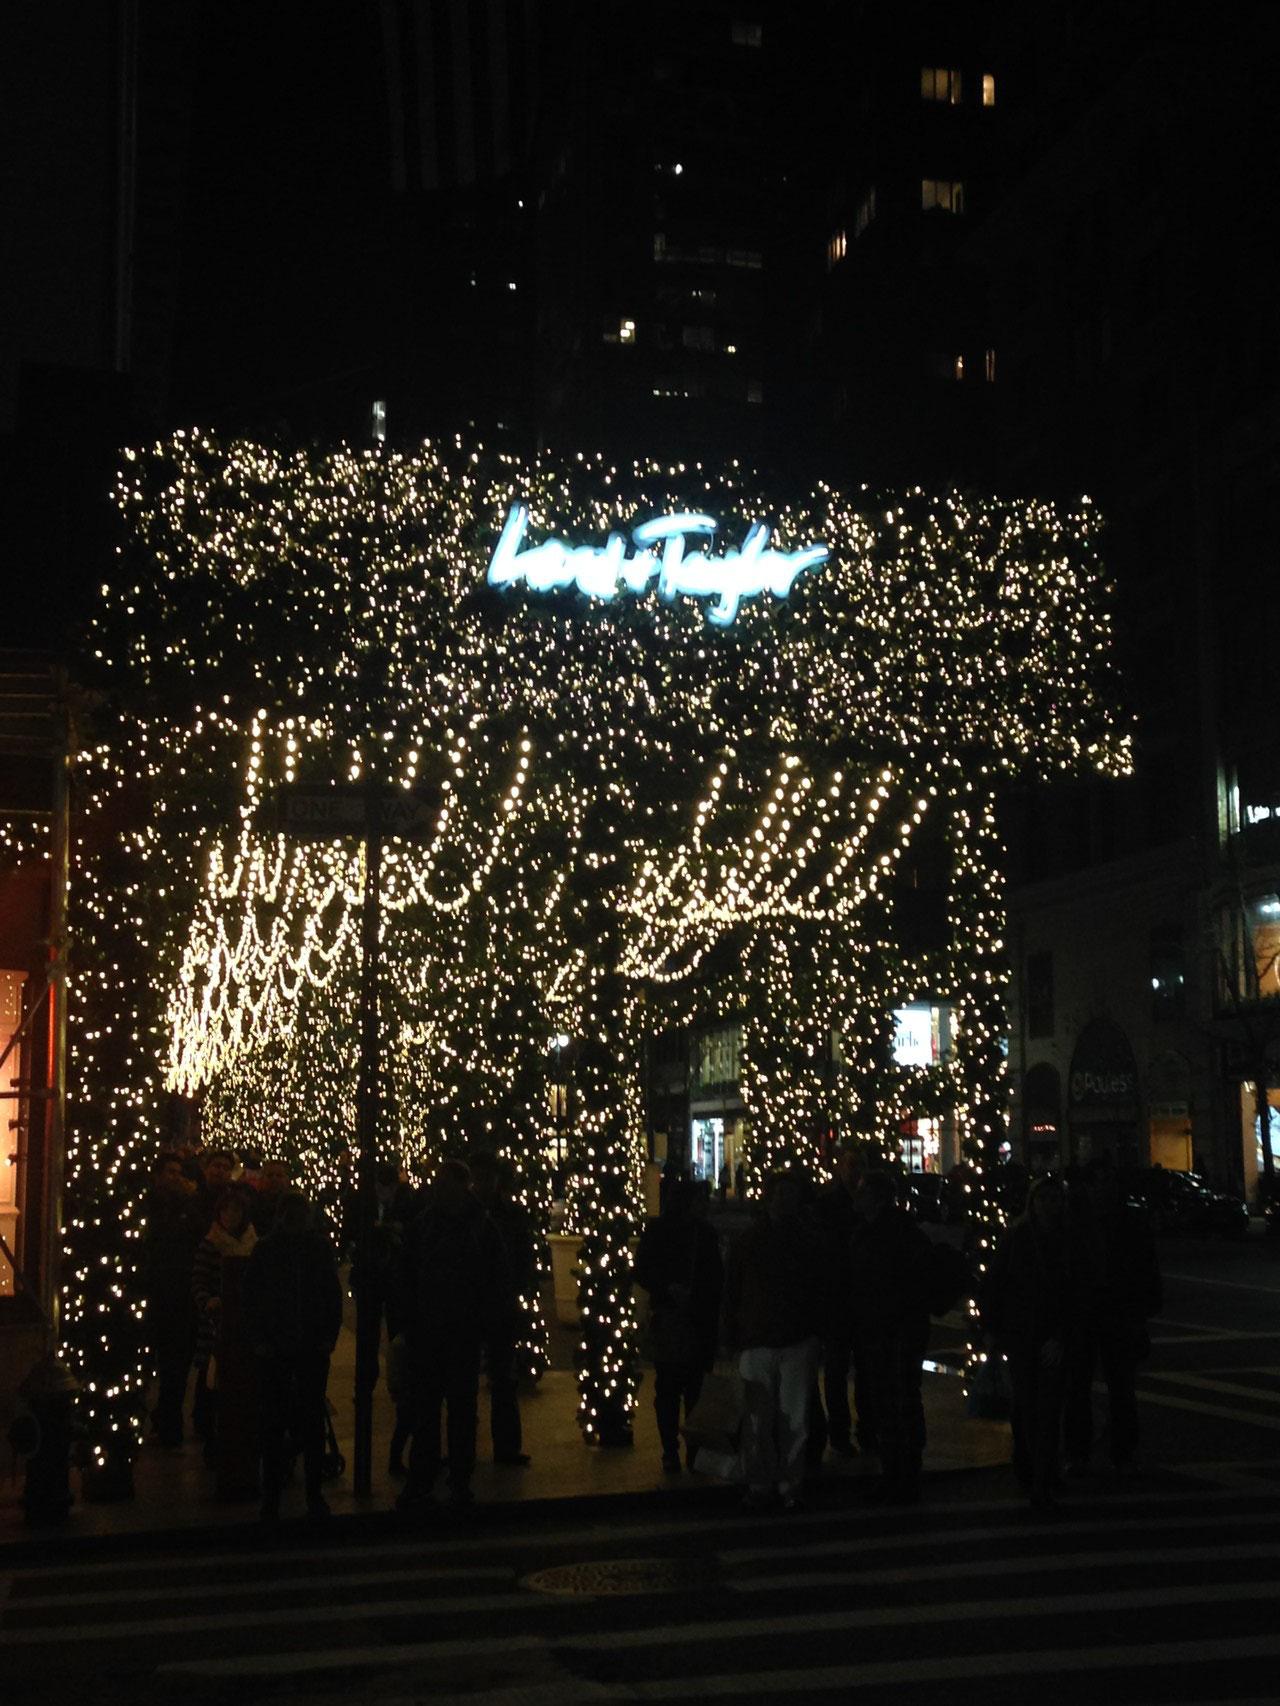 23 Es wird weihnachtlich in New York... - Leonies Au Pair Blog